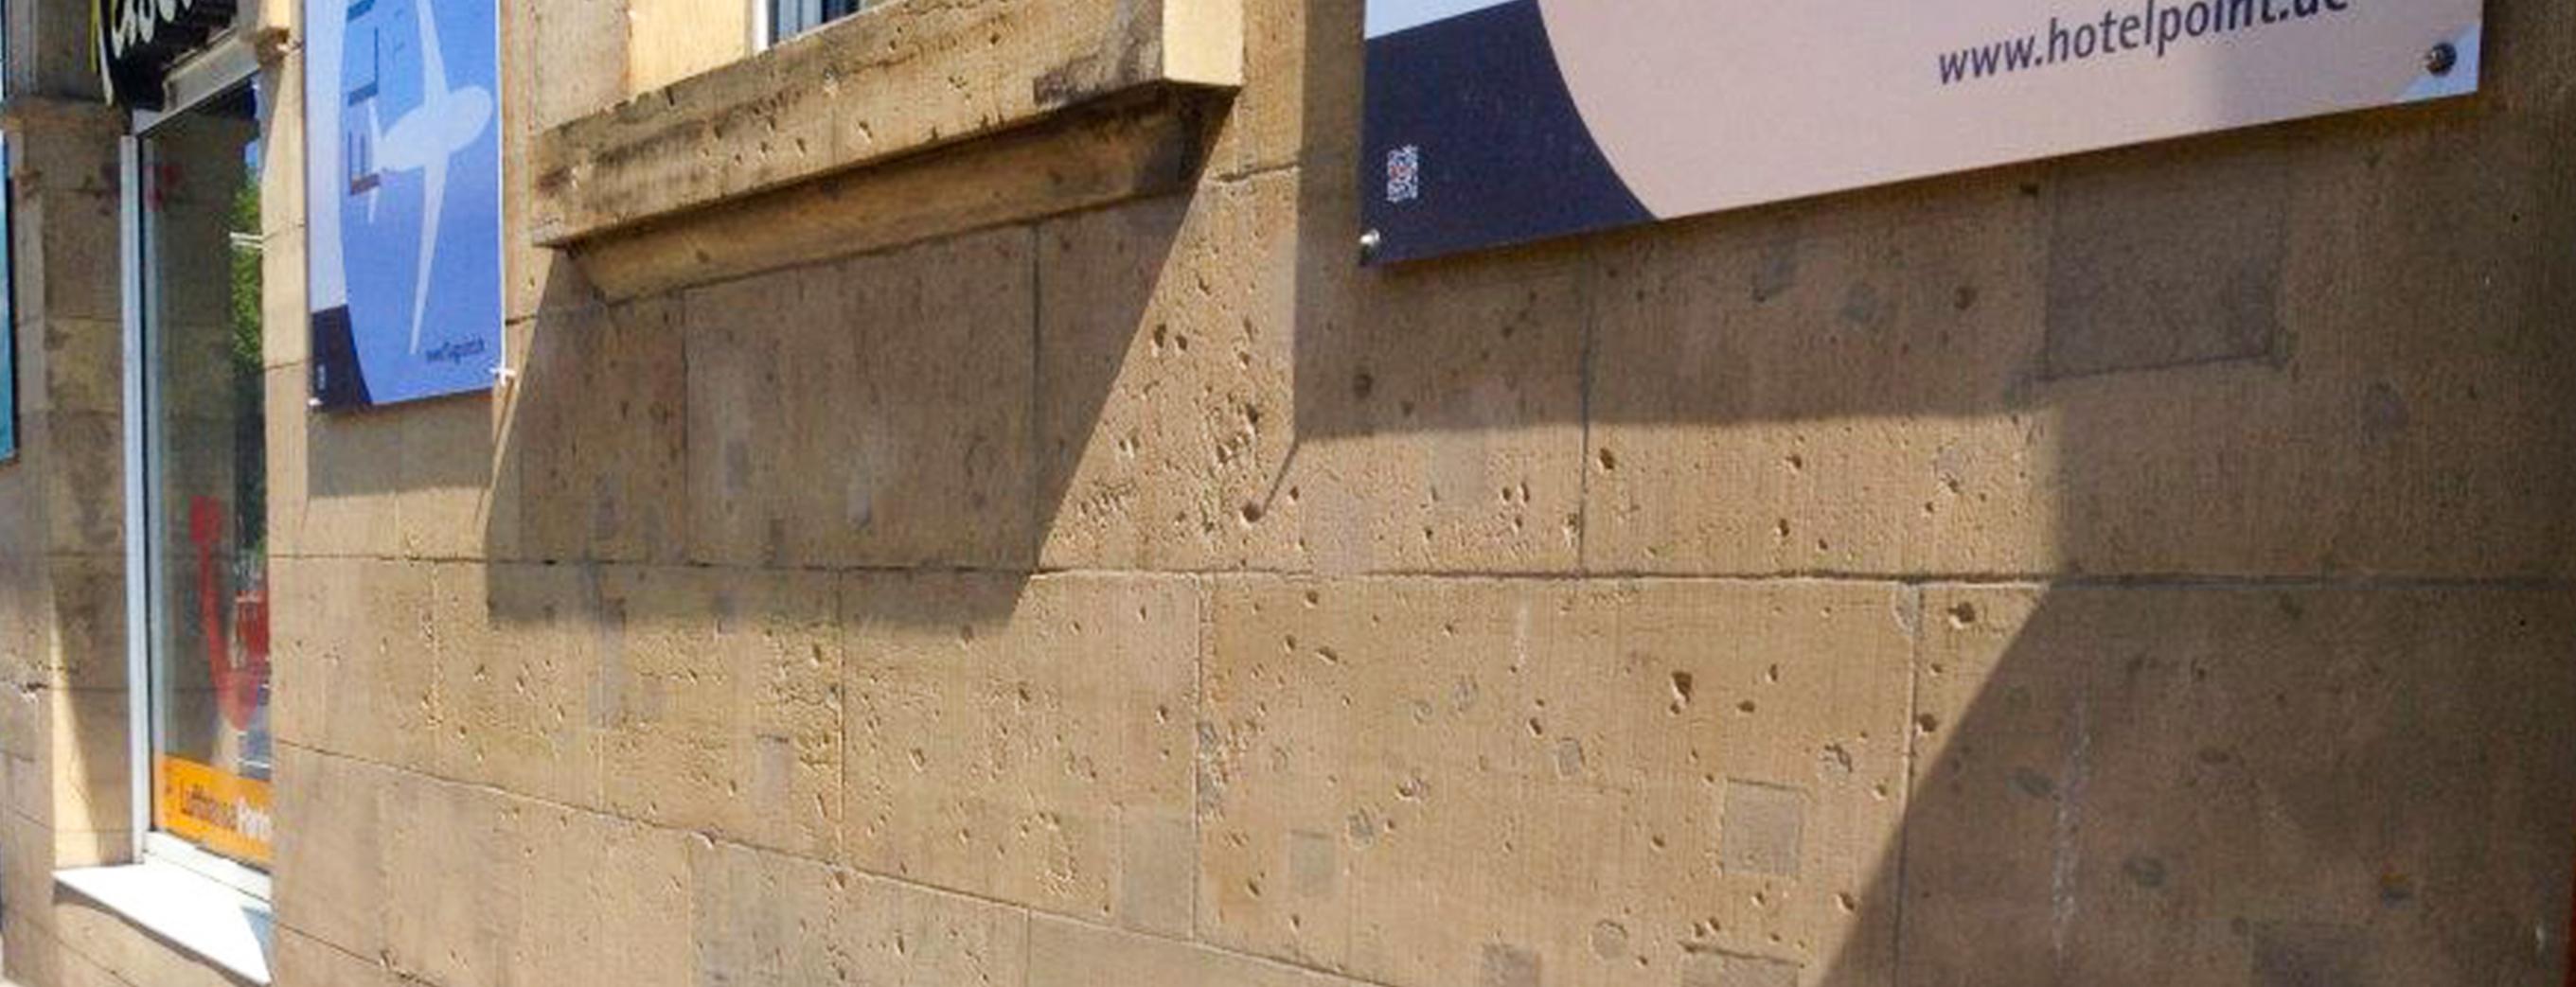 Fassadenarbeiten/Beseitigung von Graffitis